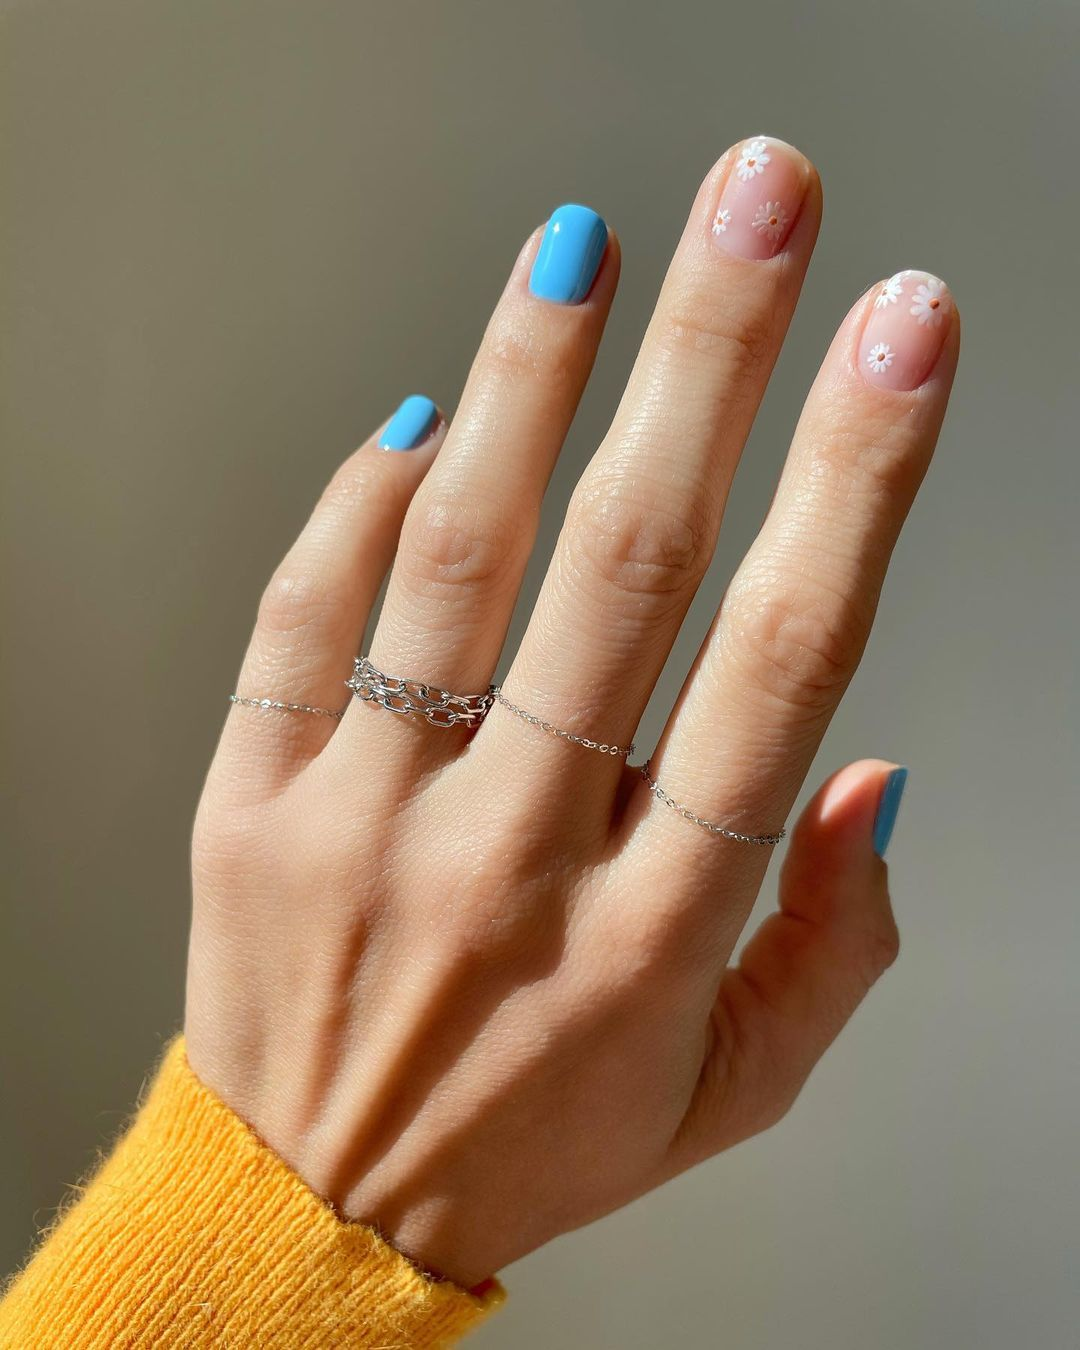 Los motivos de flores intercalados con colores tendencia como el azul son tendencia para tus uñas esta verano.